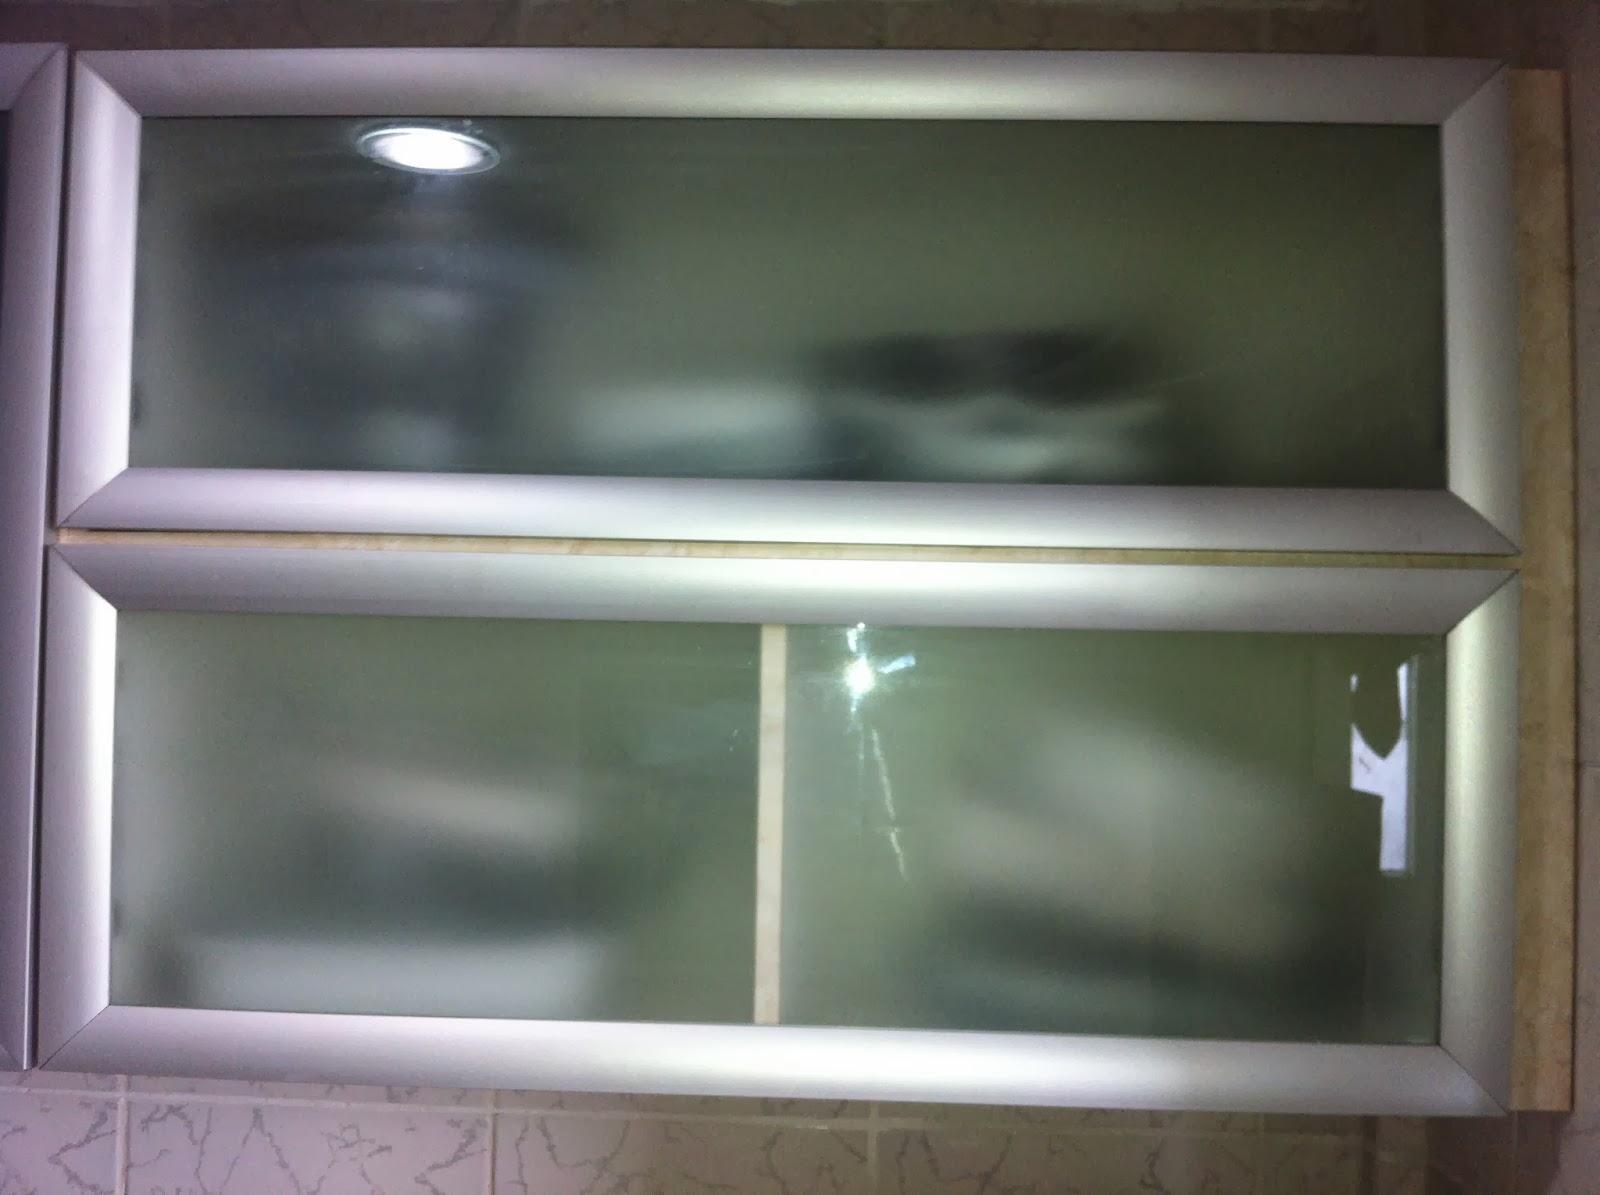 #474354 Armarios De Cozinha Em Aluminio E Vidro Idéias do Projeto da Cozinha para a  1600x1195 px Armario De Cozinha Em Aluminio #2973 imagens